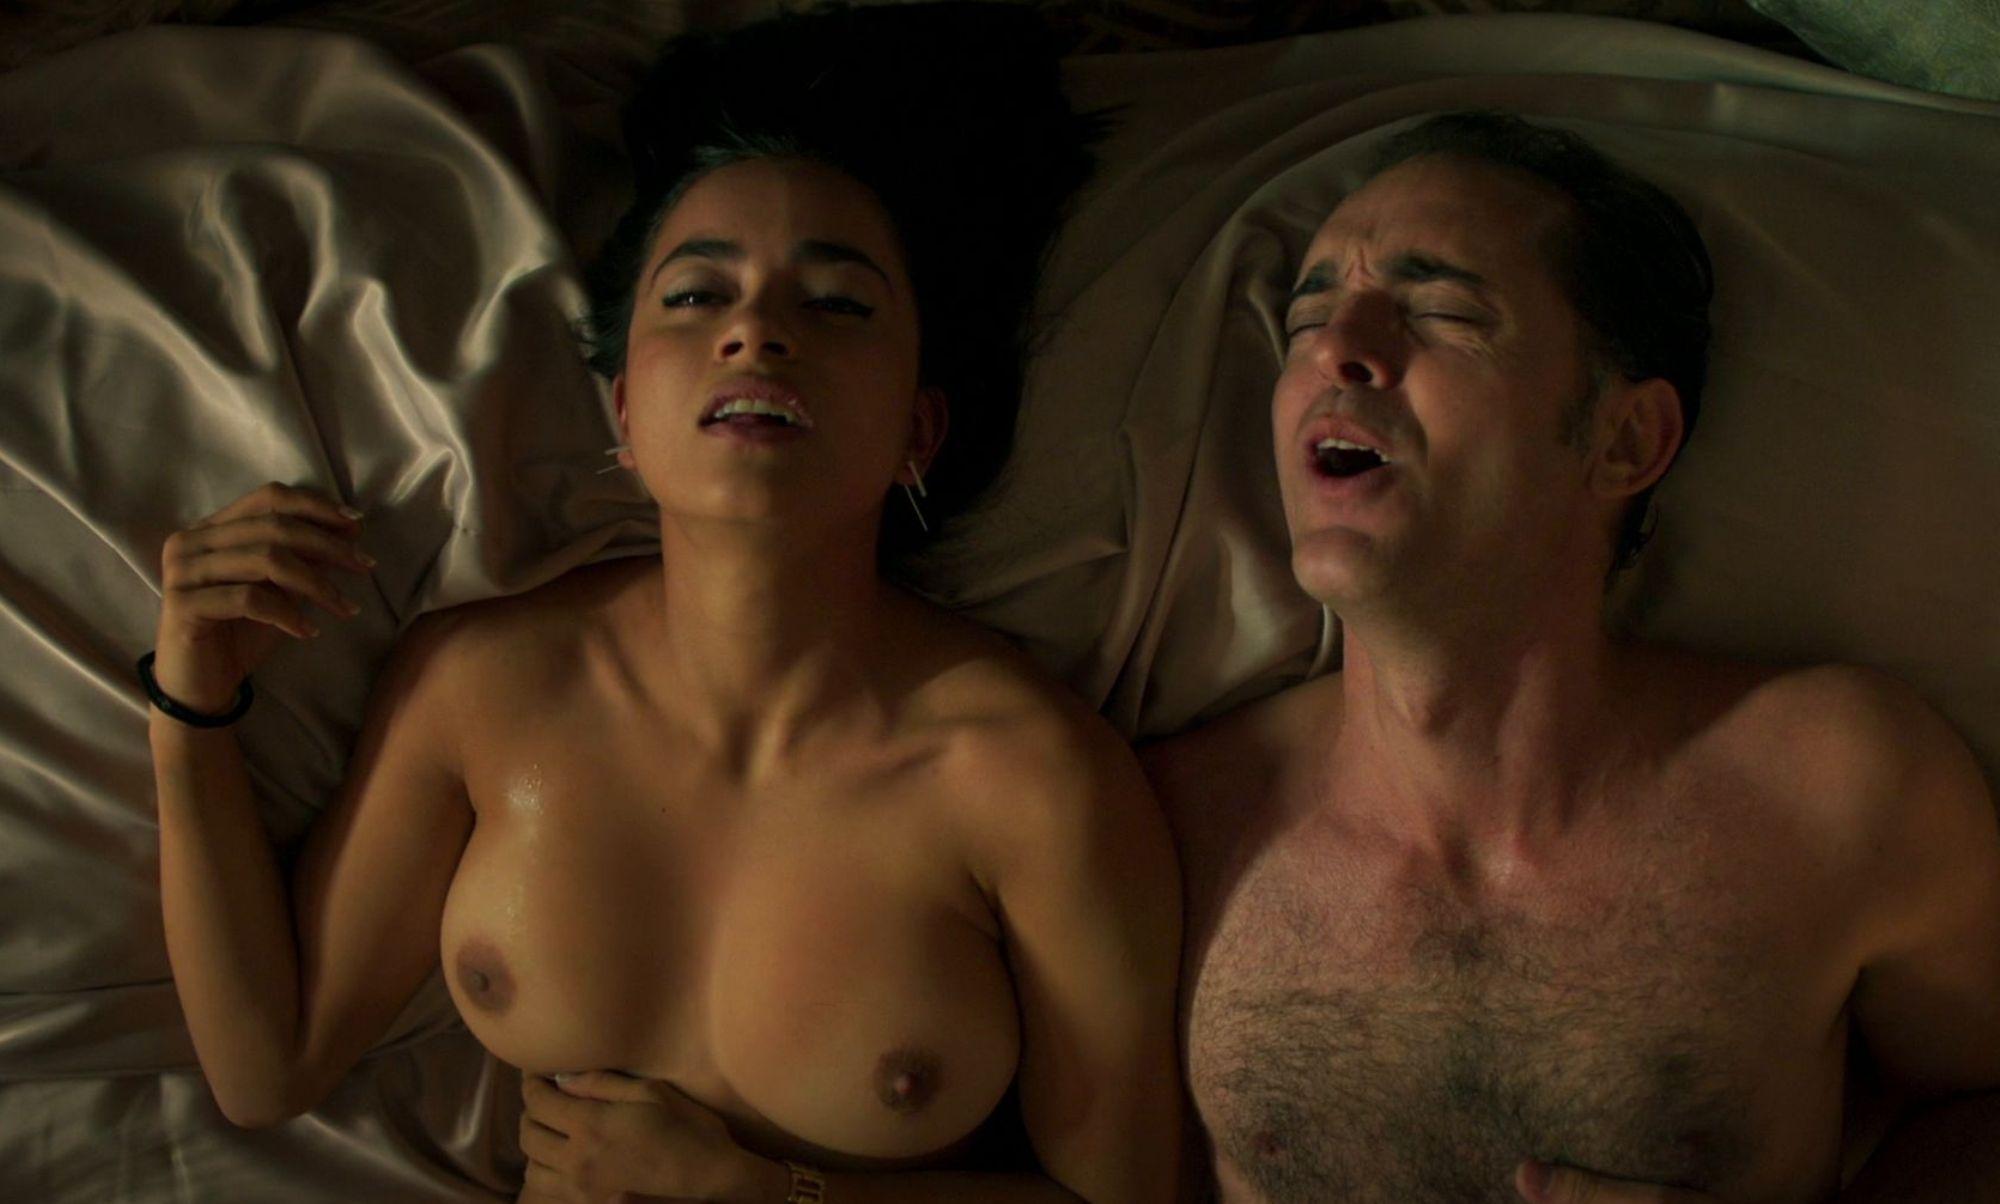 Un 2018 sexy in televisione: i cinque migliori nudi delle serie tv dell anno